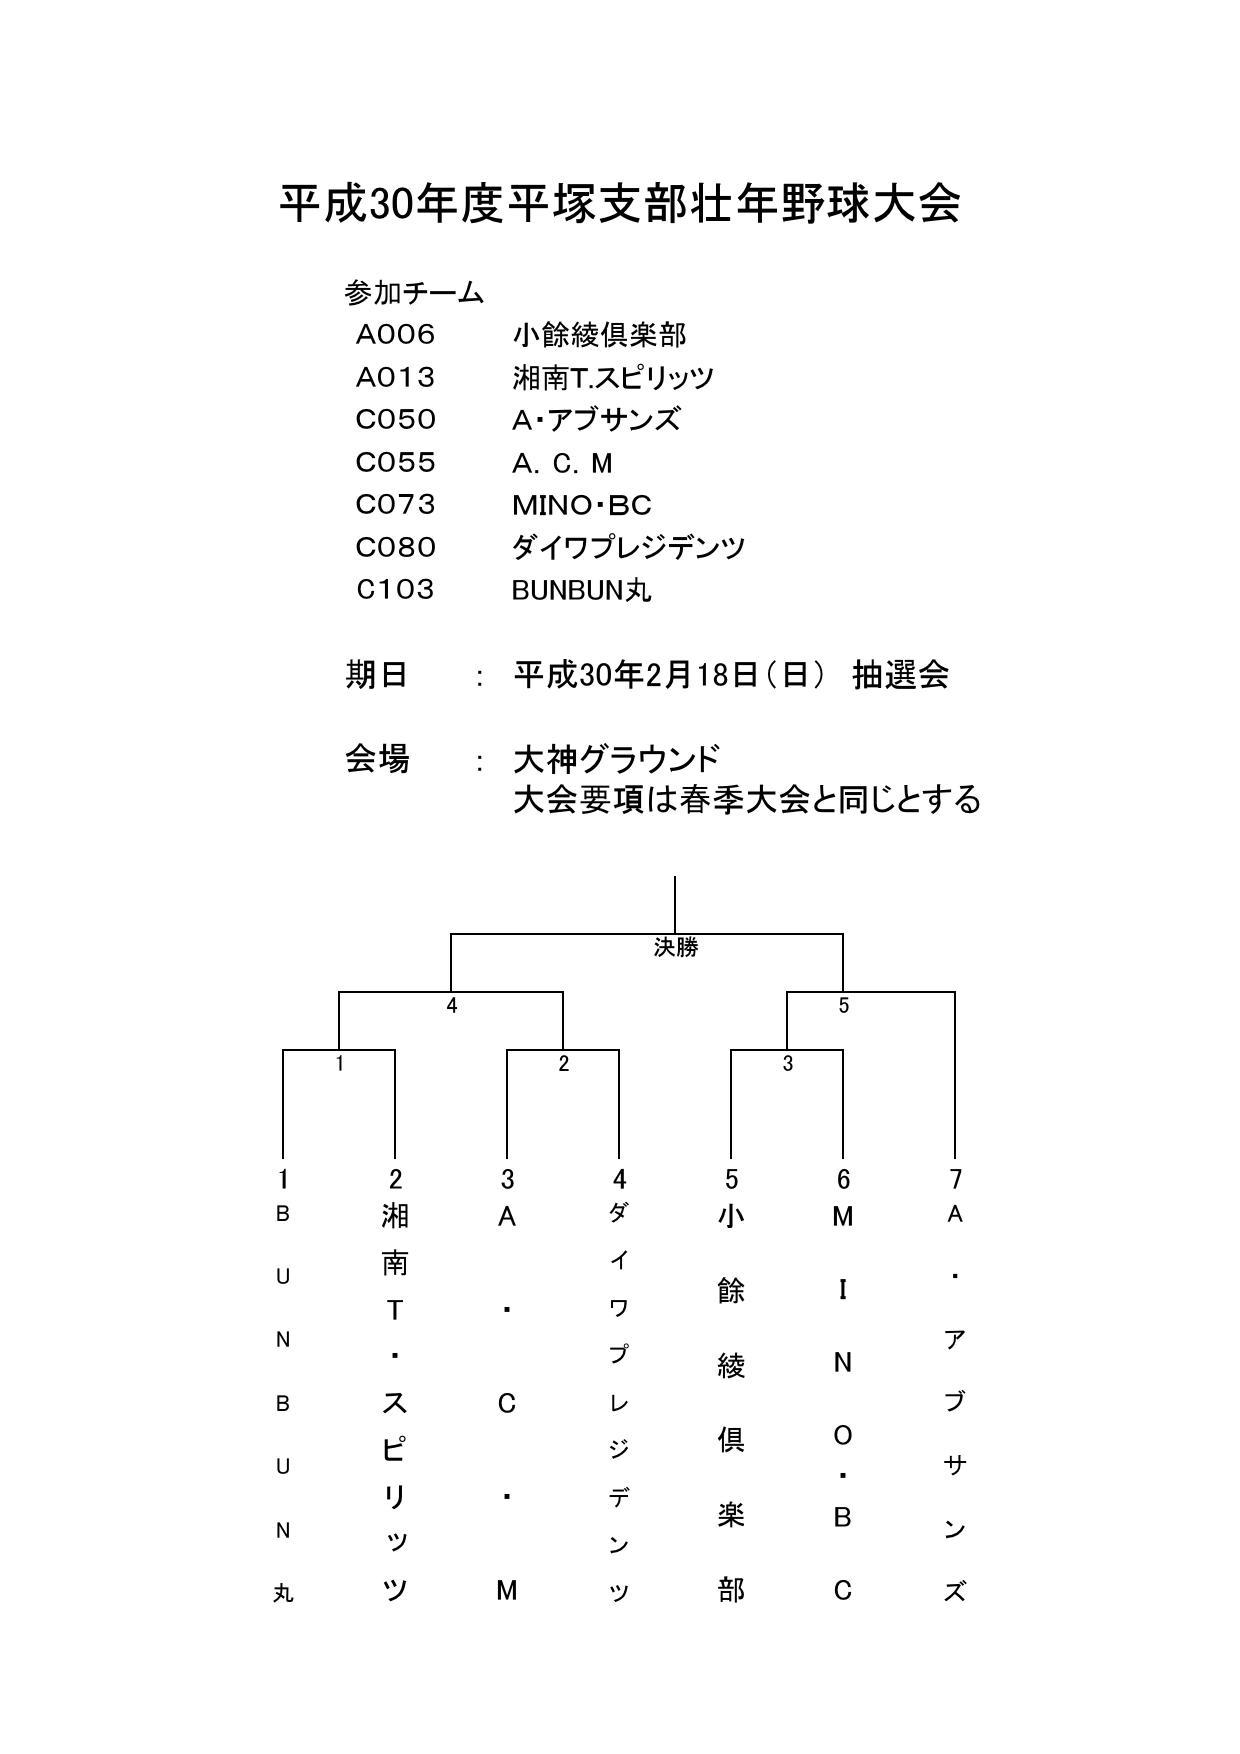 壮年トーナメント表